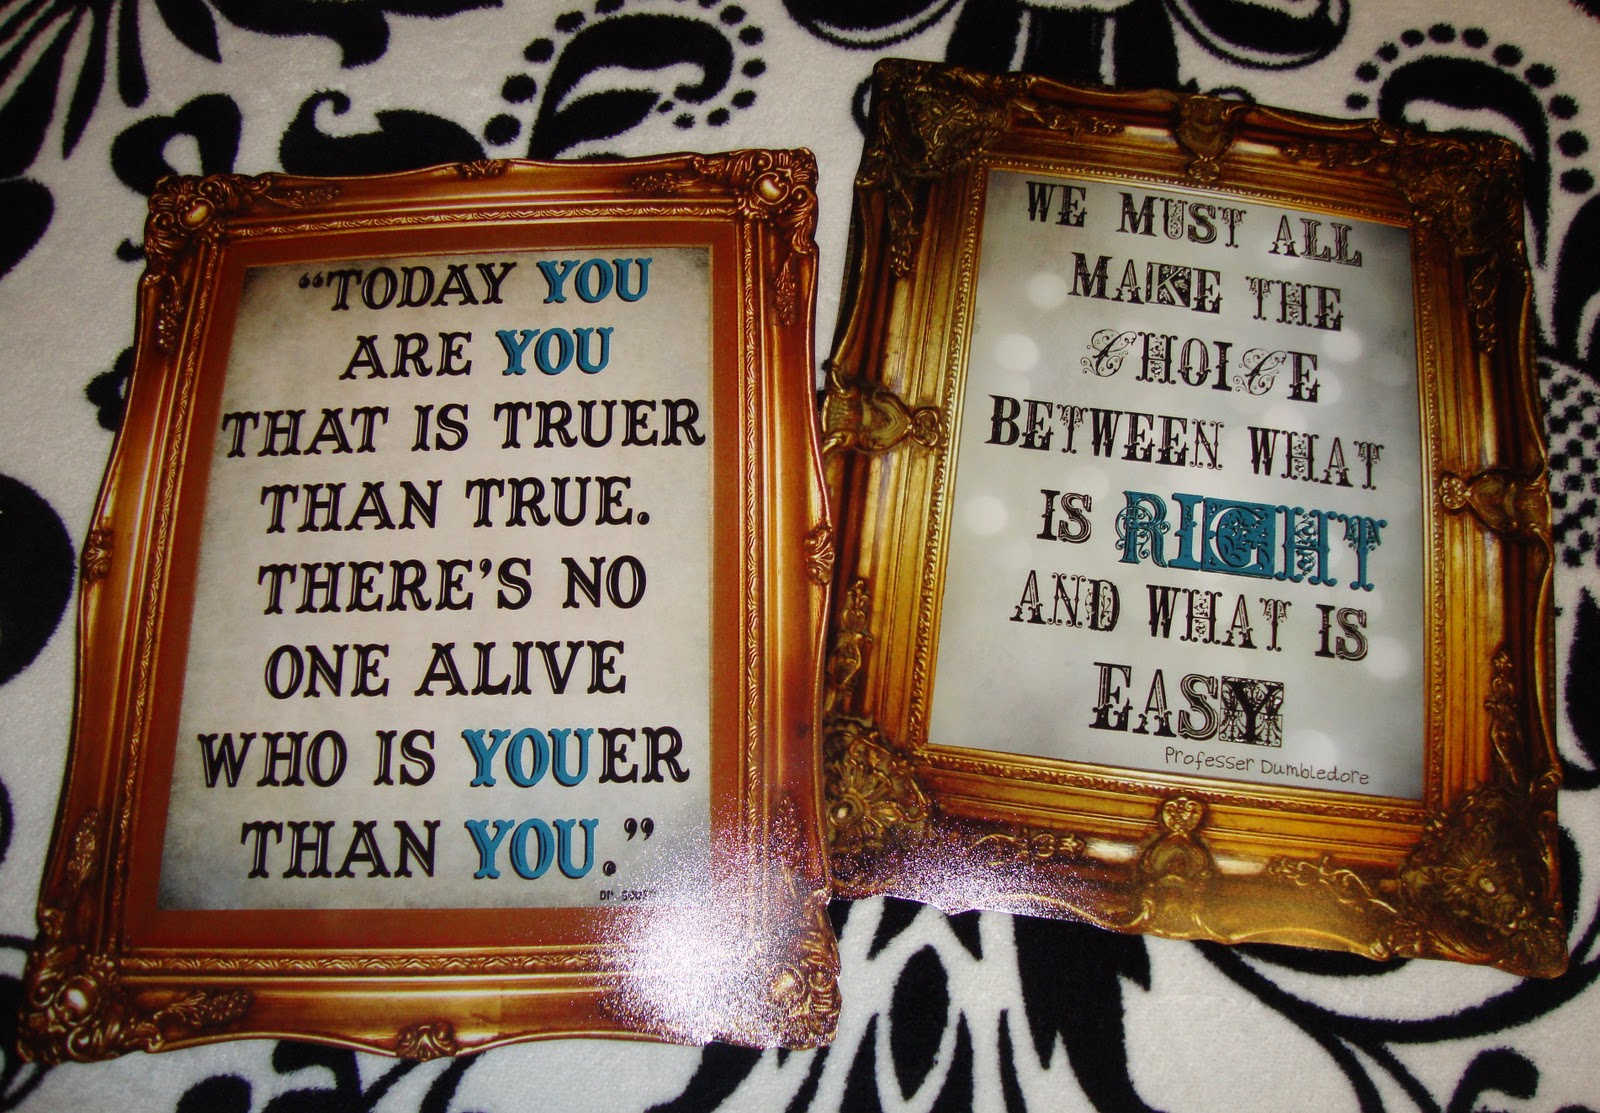 Antique quote #2